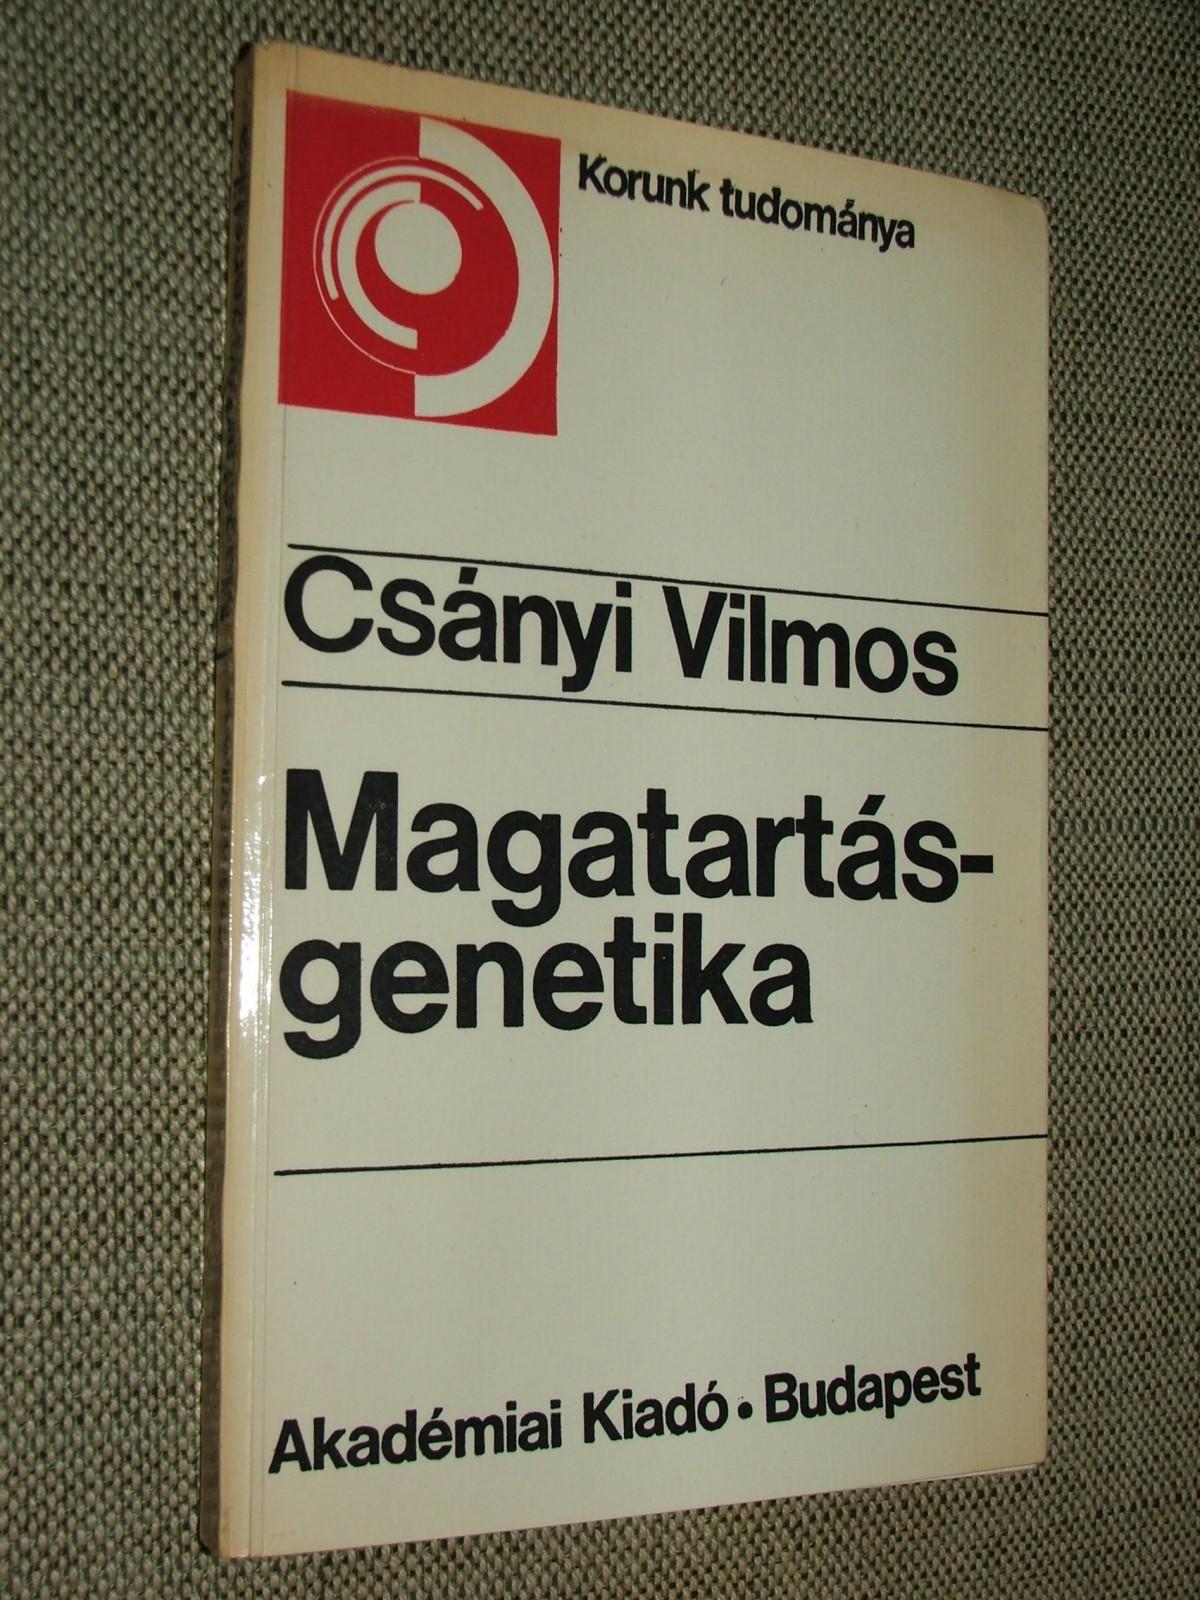 CSÁNYI Vilmos: Magatartásgenetika